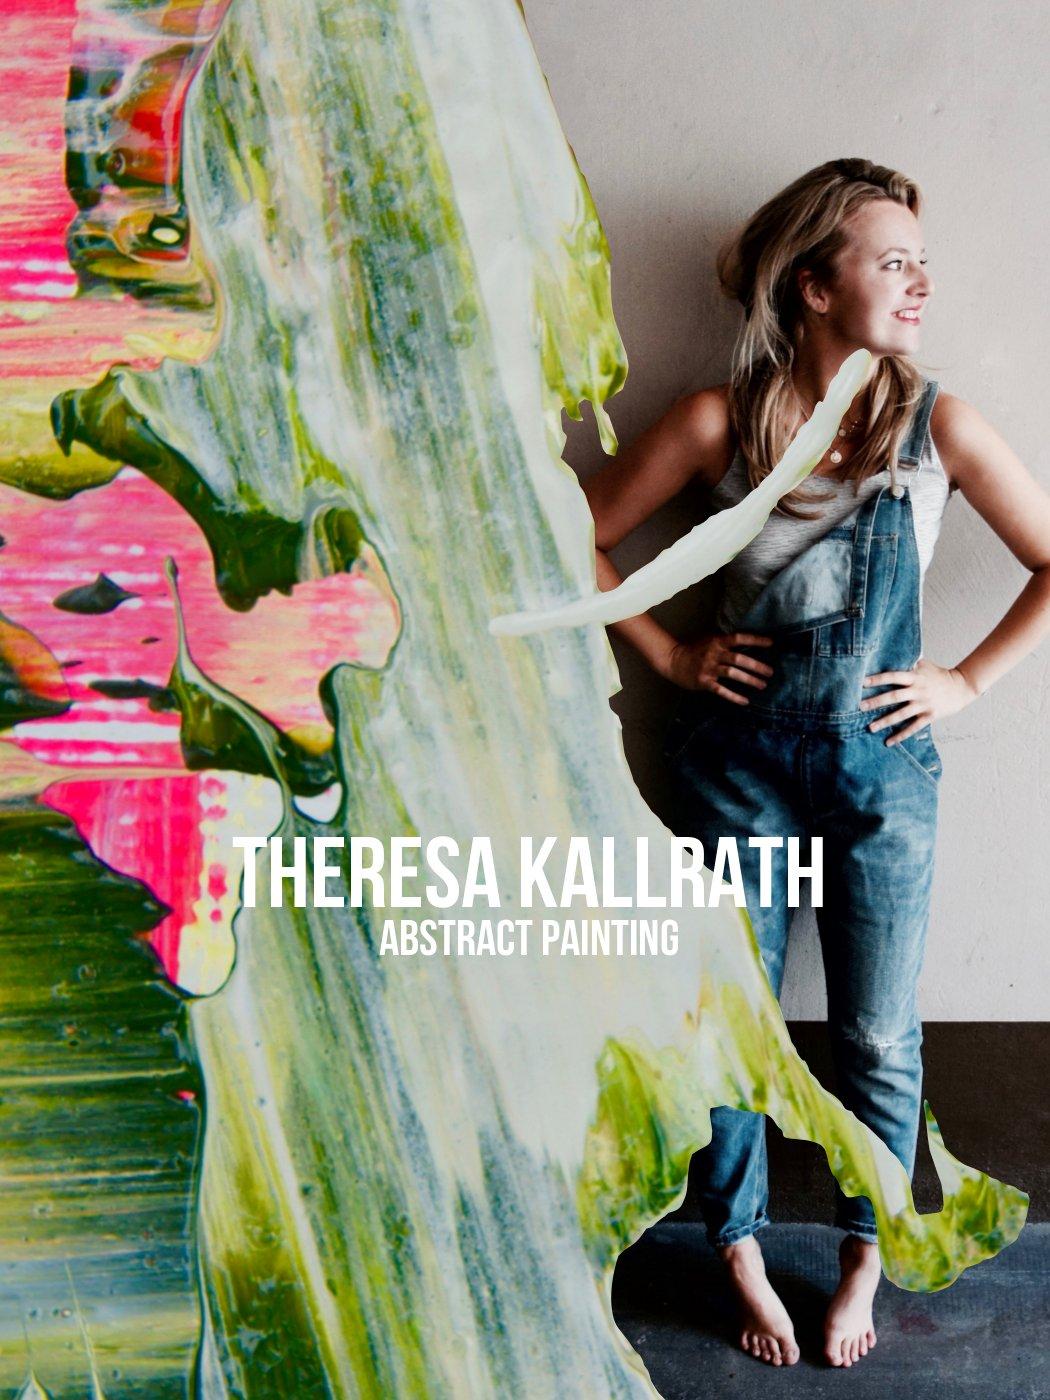 Openball Oberkassel Düsseldorf Theresa Kallrath Artist Kunstakademie Star Abstract Painting